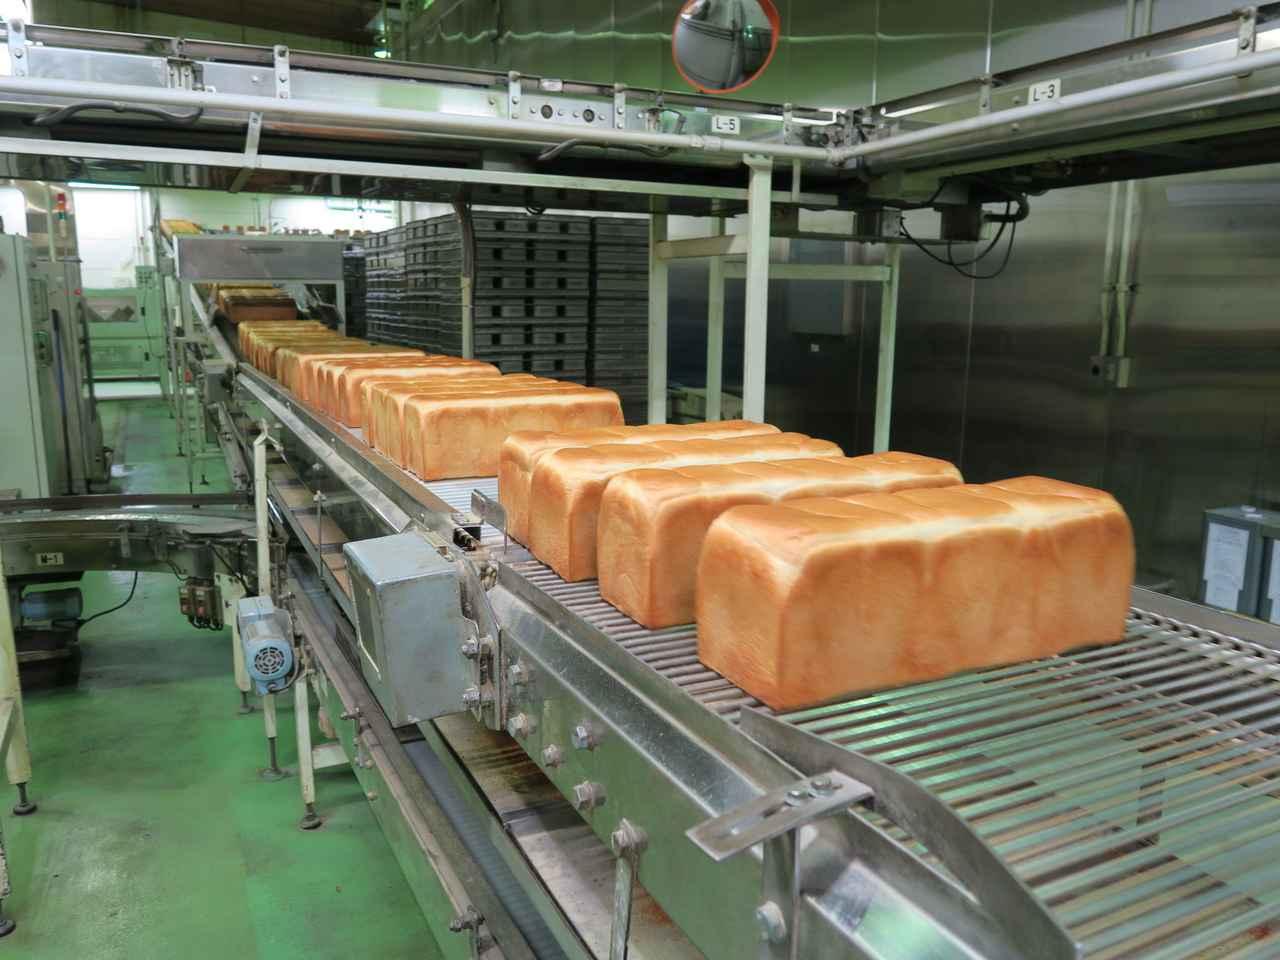 画像: 「フジパン工場見学」(埼玉県・入間市/工場見学) : フォーリンデブはっしー  公式ブログ